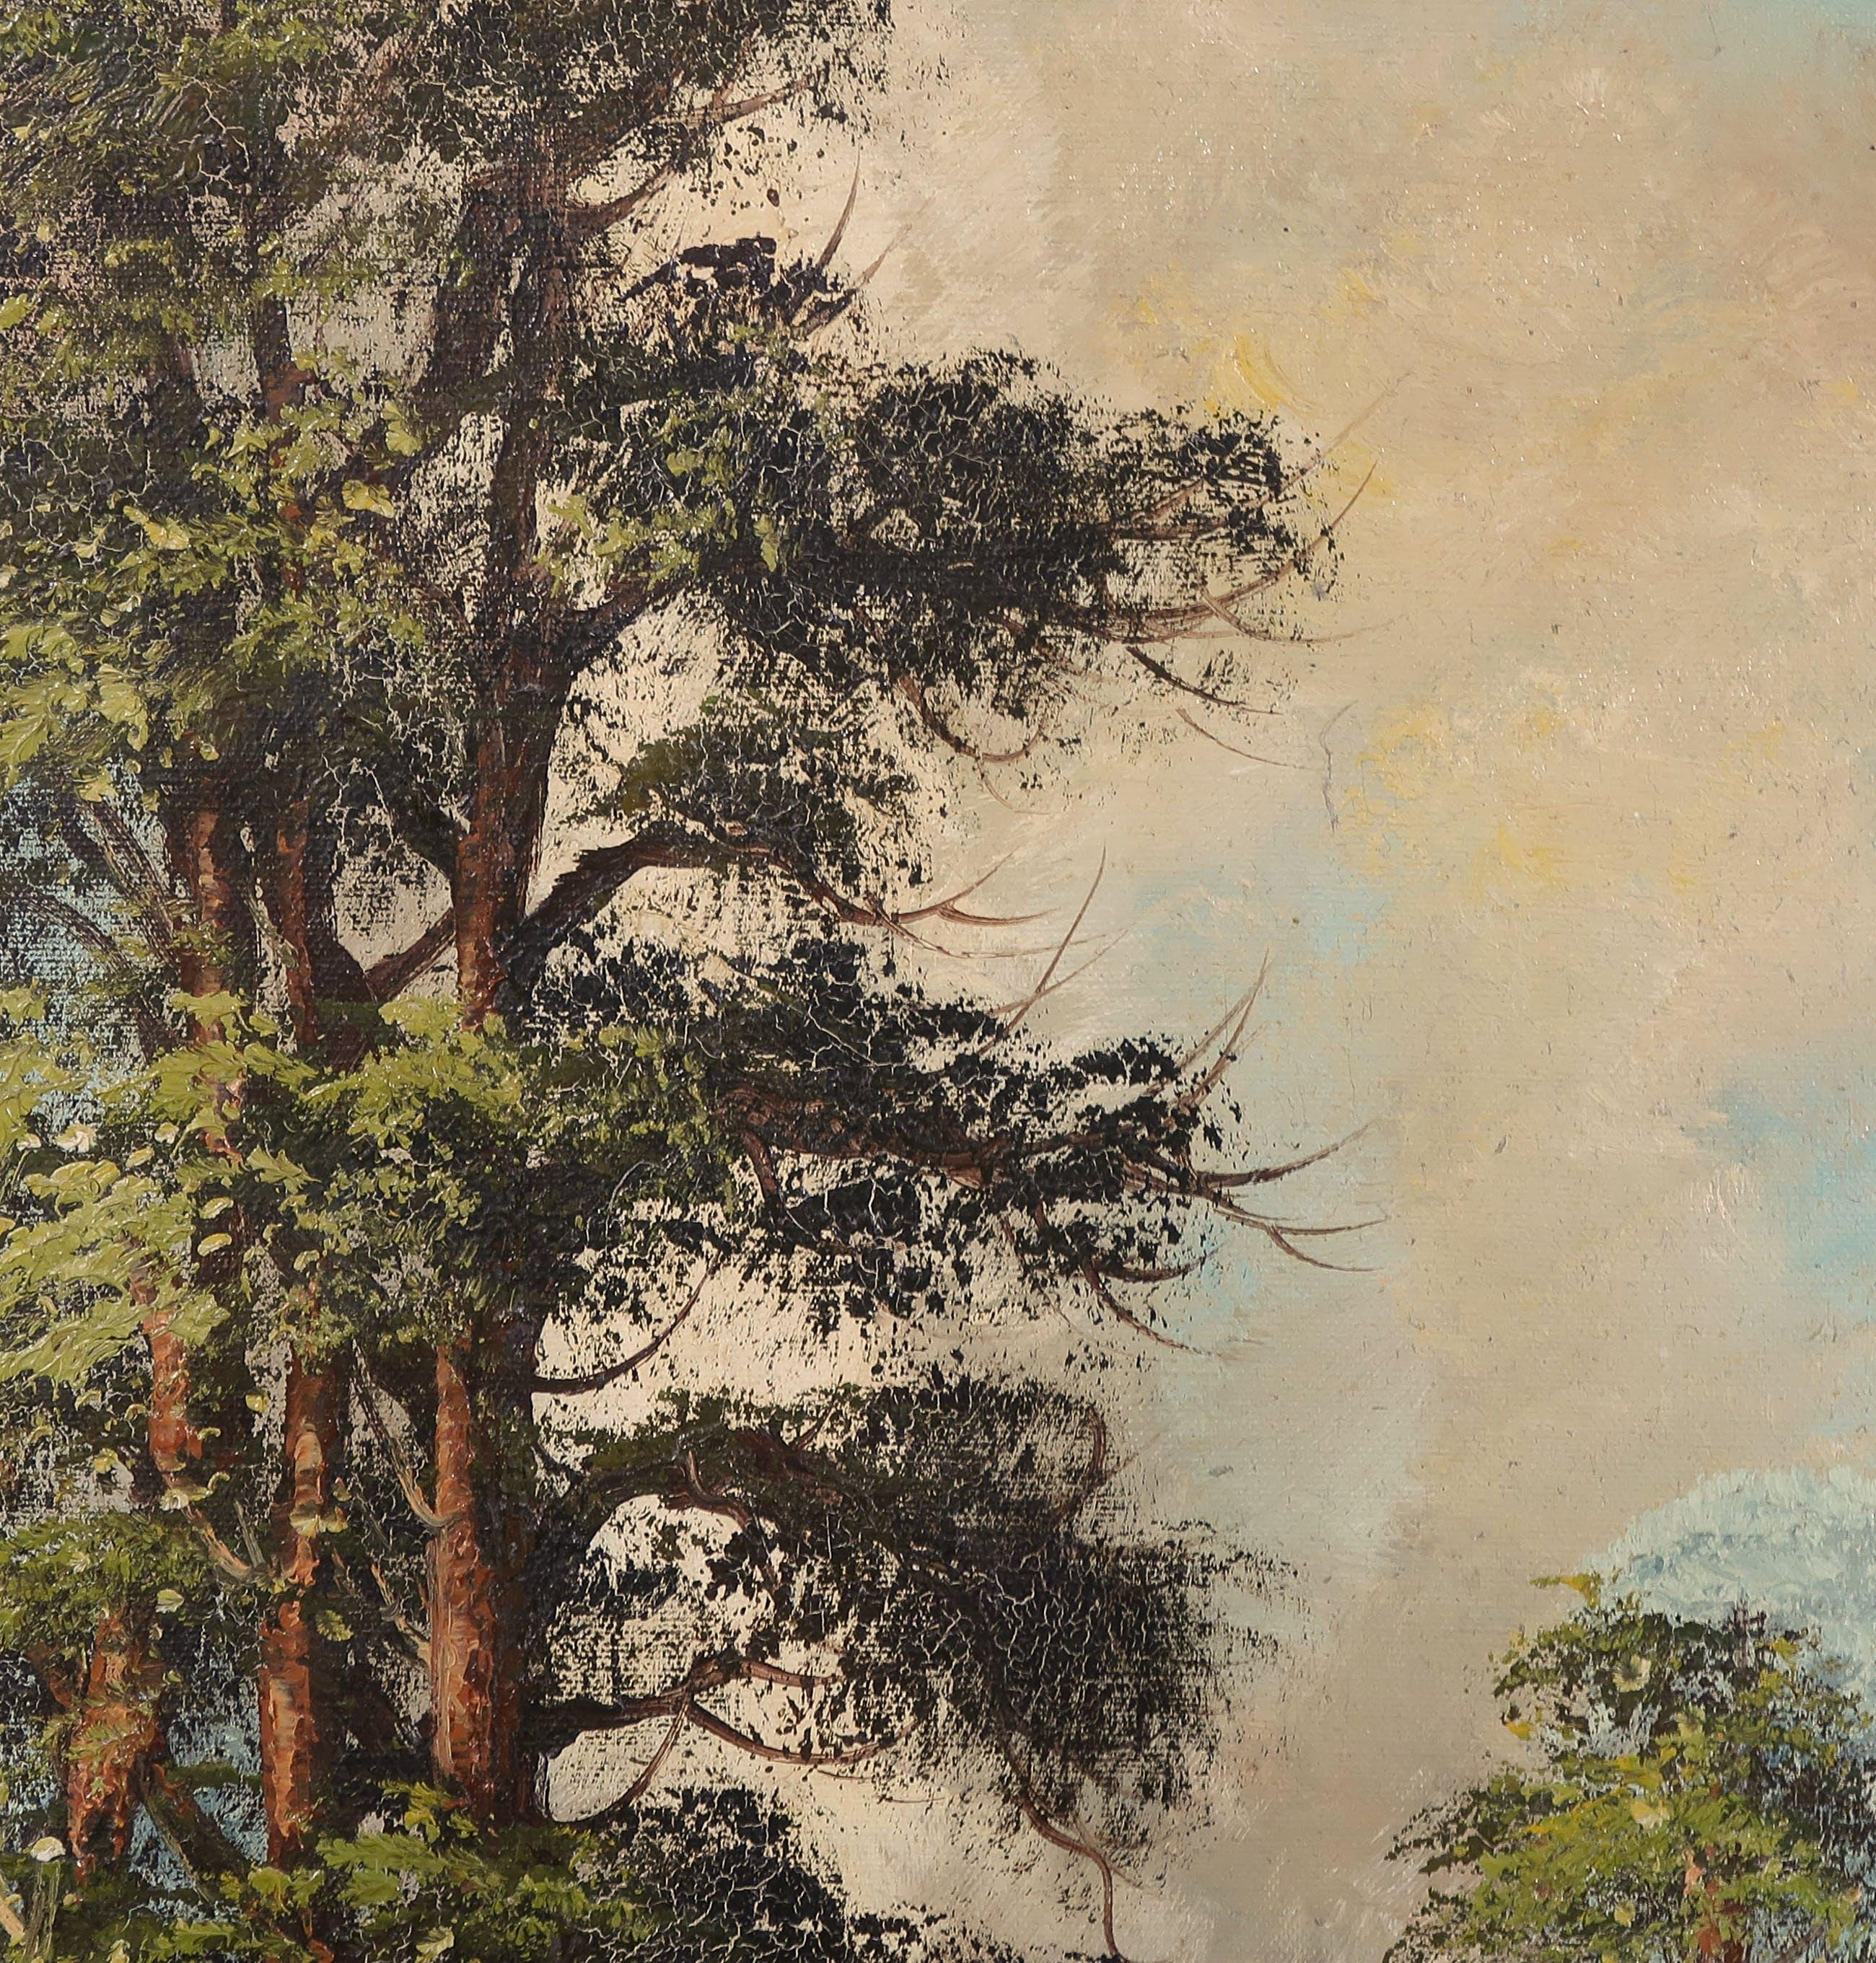 Niet of onleesbaar gesigneerd - Olieverf op doek, Landschap met bomen en water kopen? Bied vanaf 1!